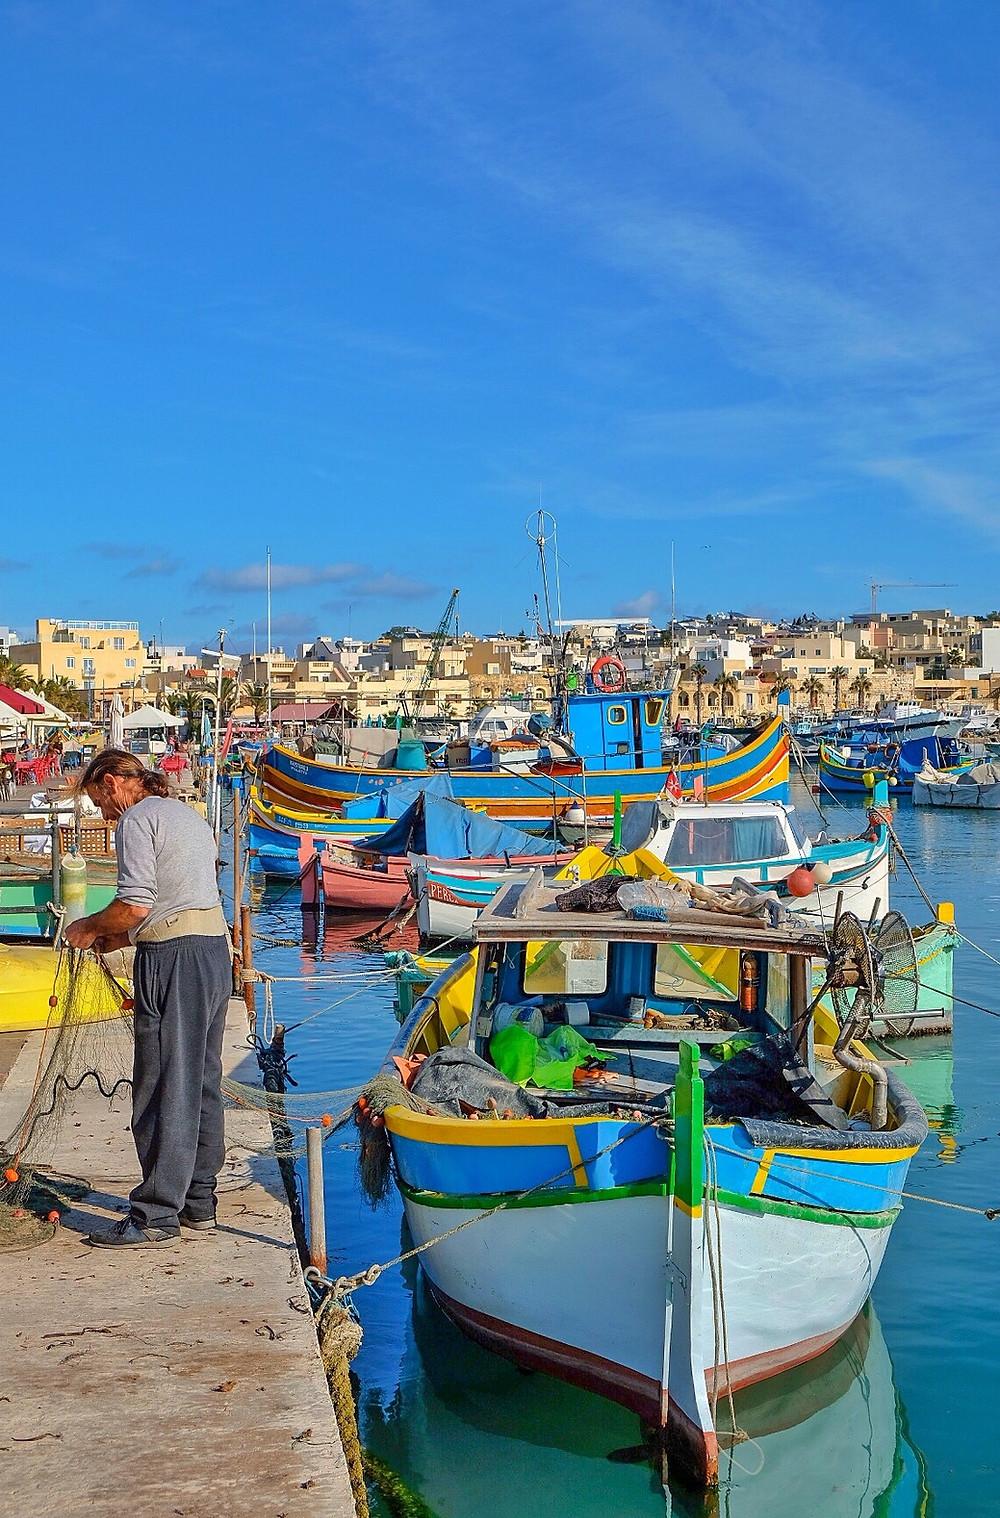 Harbour of Marsaxlokk, Malta